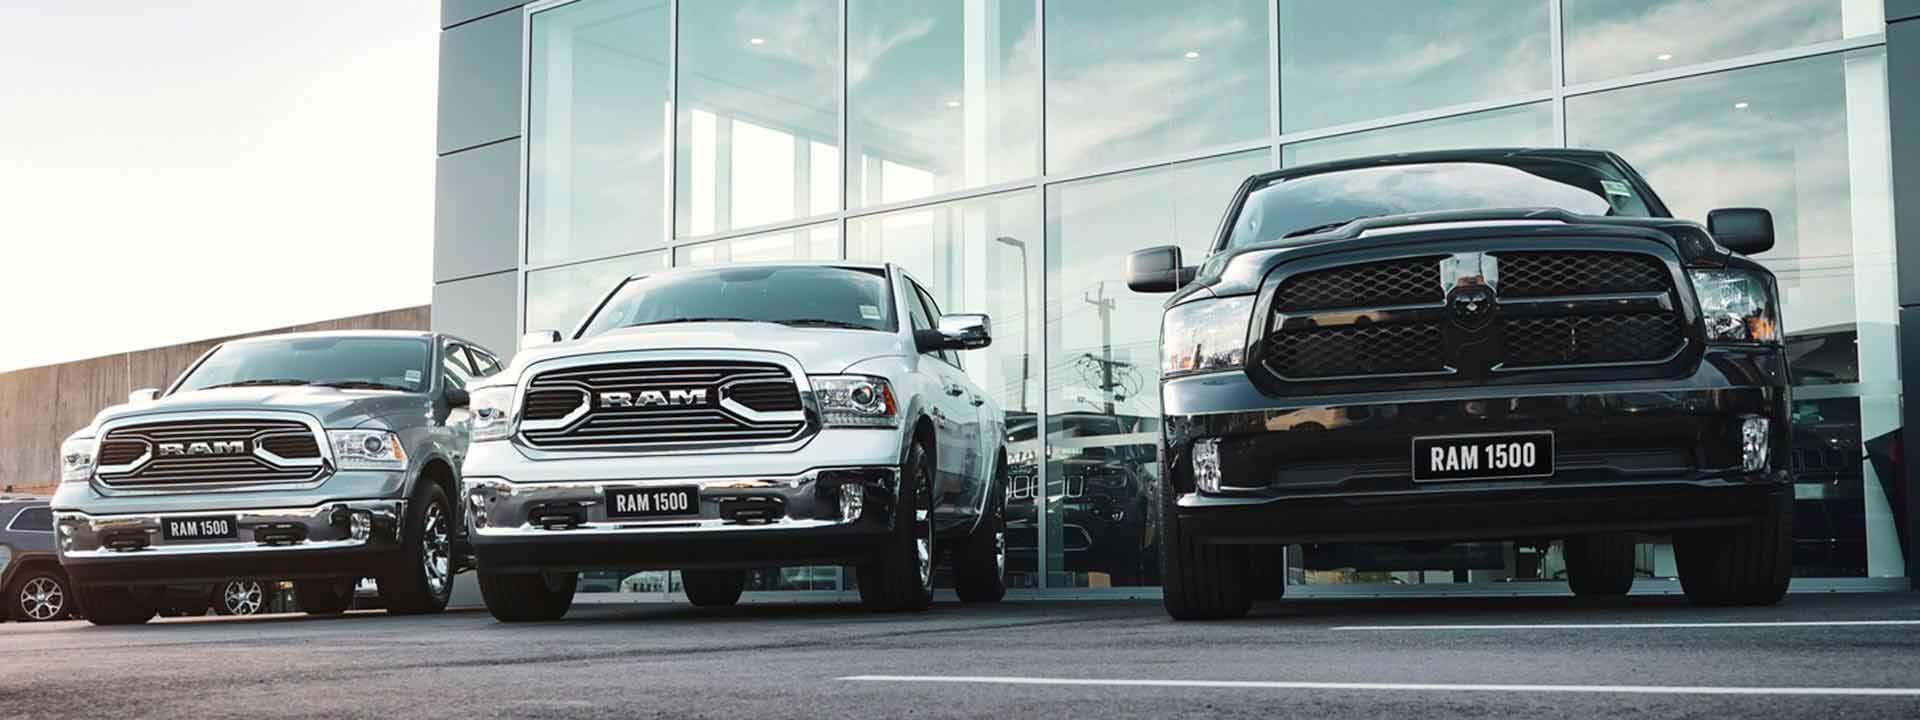 Ram 1500 | Ram Trucks Dealer